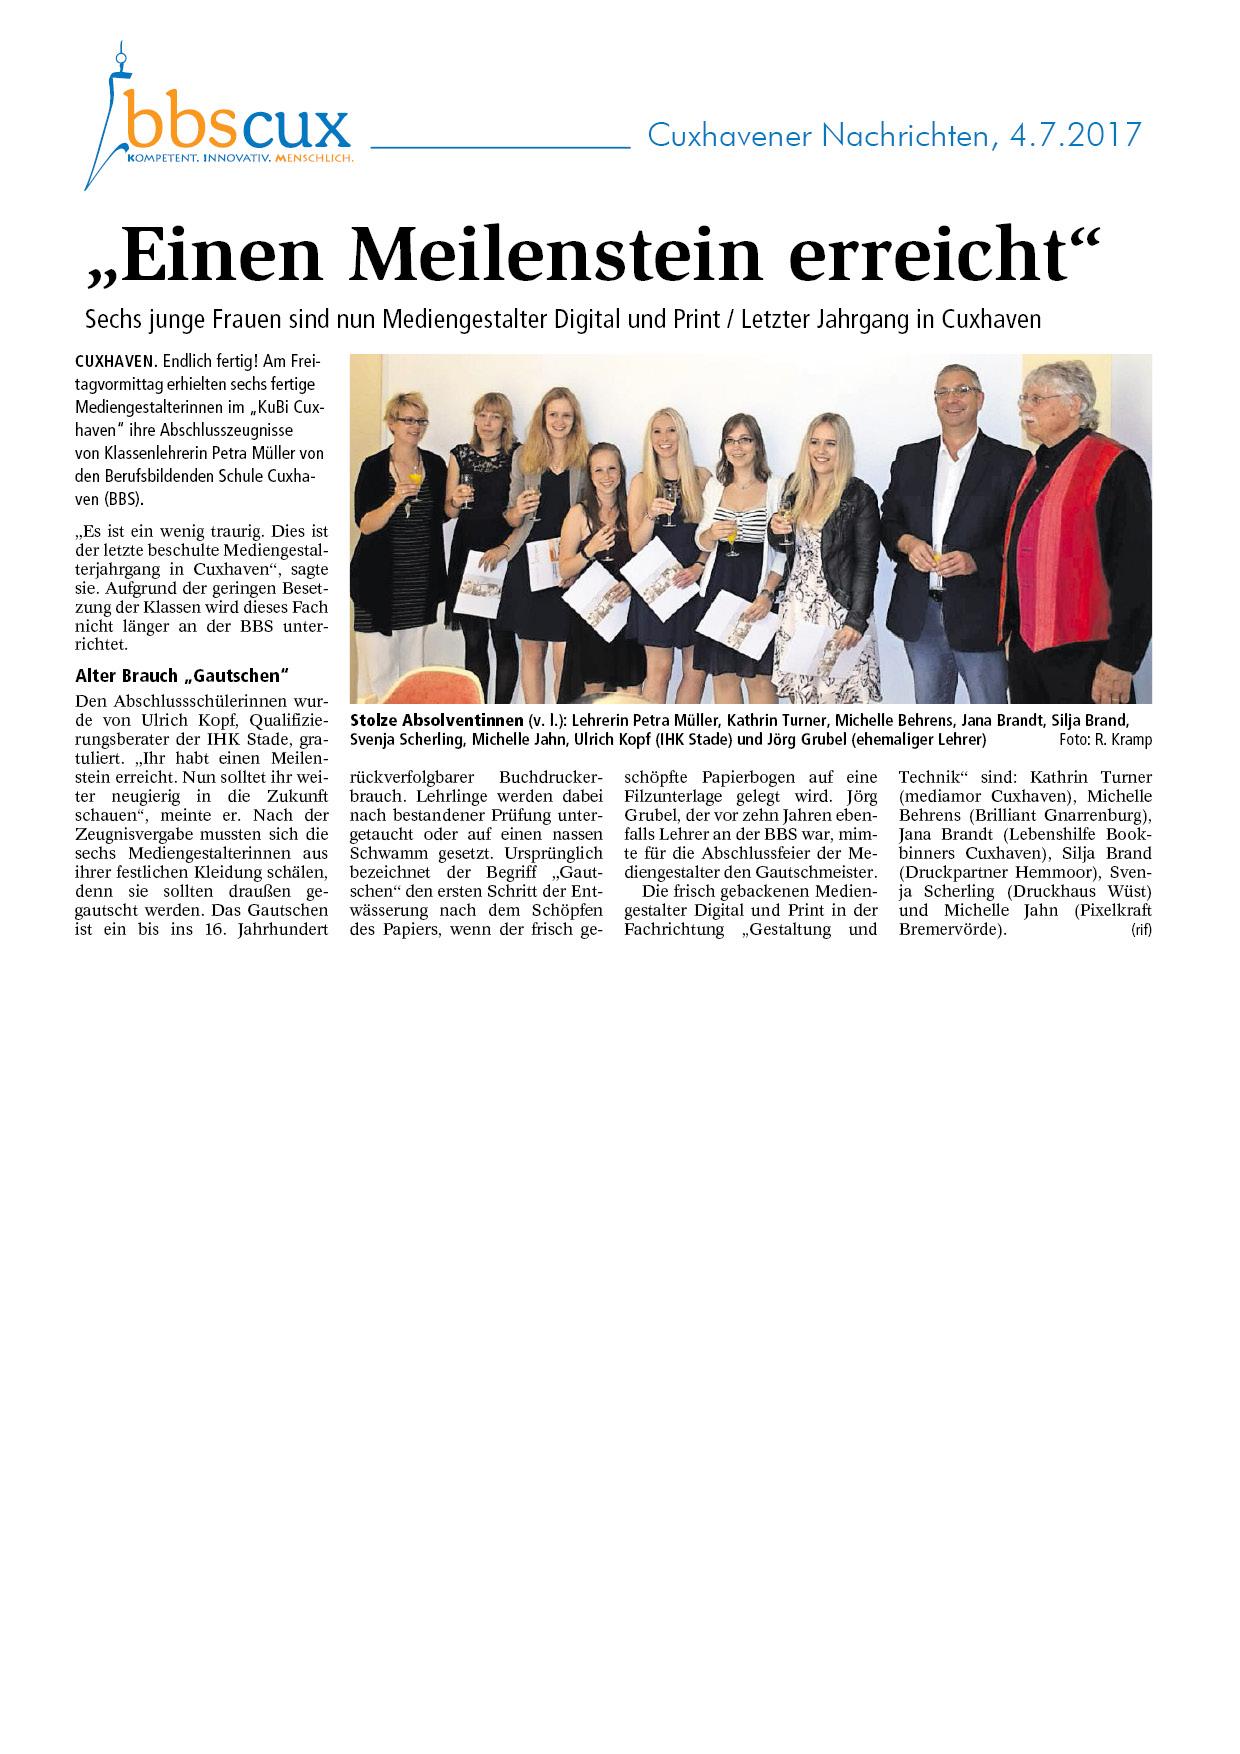 Cuxhavener Nachrichten vom 4.7.2017.